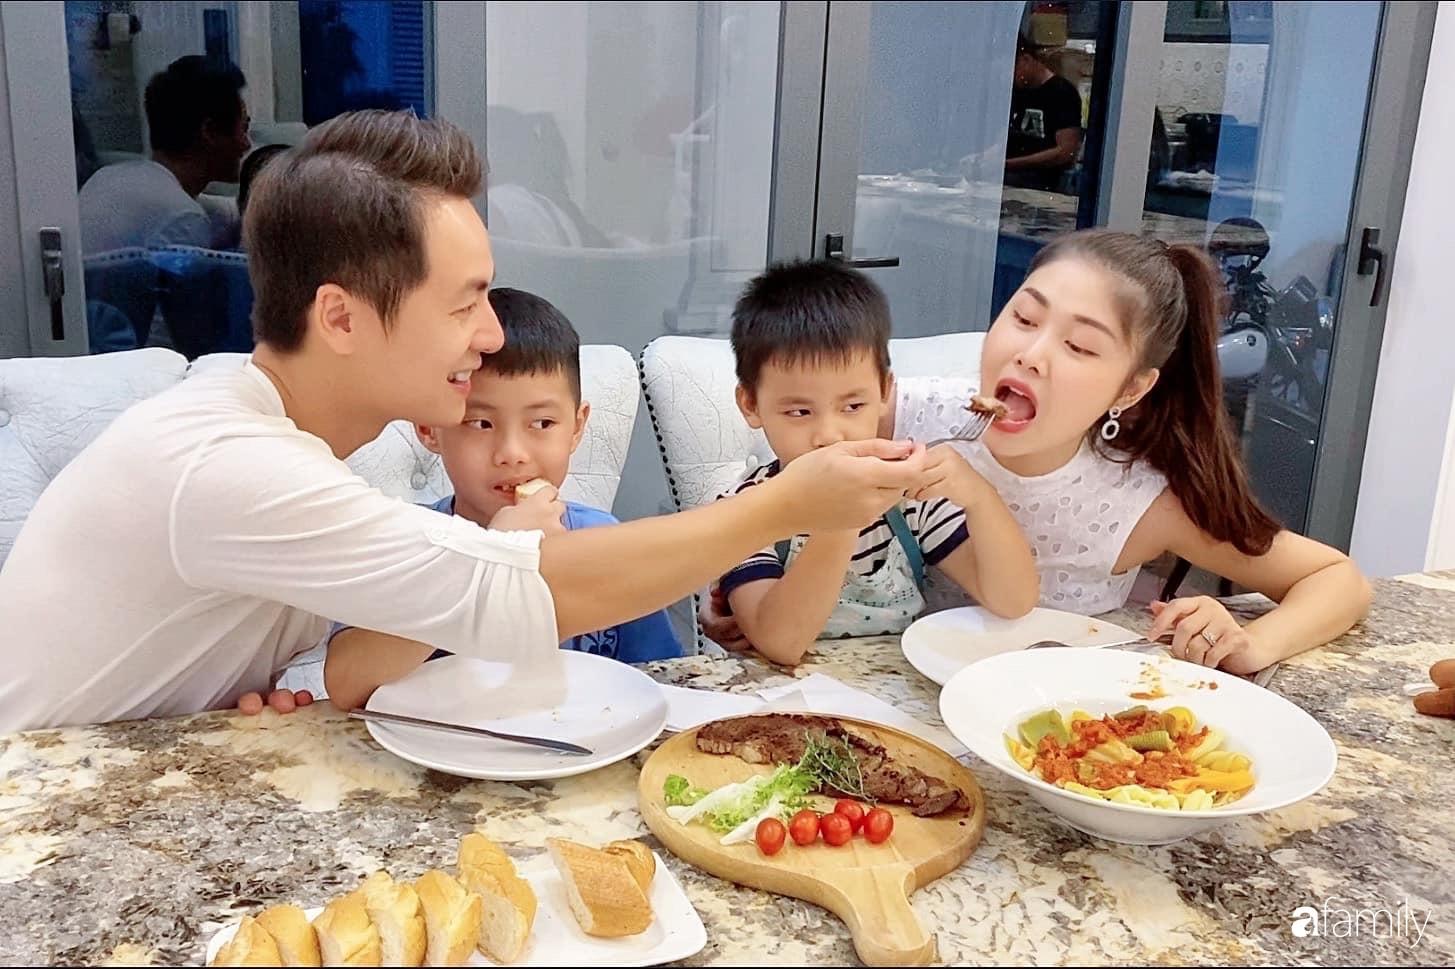 """""""Nghiện"""" sắm đồ bếp, hot mom Thủy Anh vợ Đăng Khôi tự decor không gian nấu nướng đẹp ngút ngàn - Ảnh 2."""